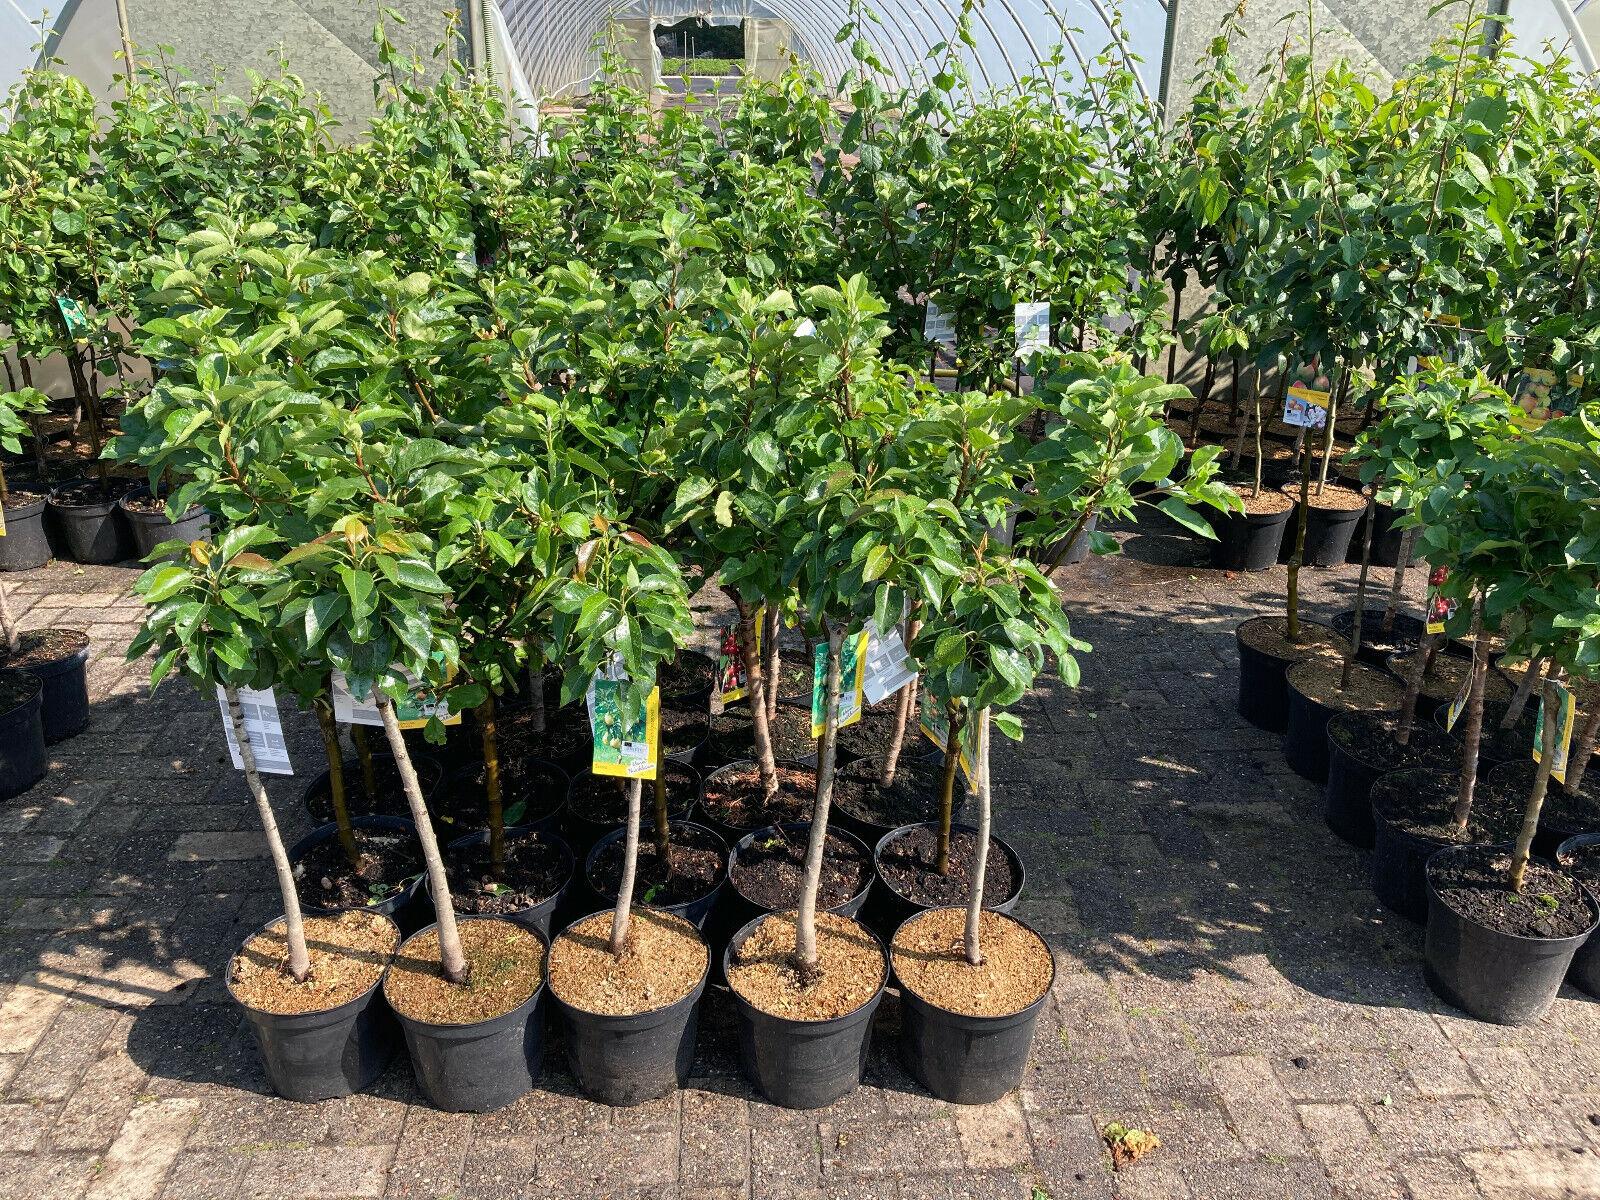 Obstbäume in Sorten: Birnenbaum, Pfirsich, Apfel, Kirsche, Pflaume , Aprikose %